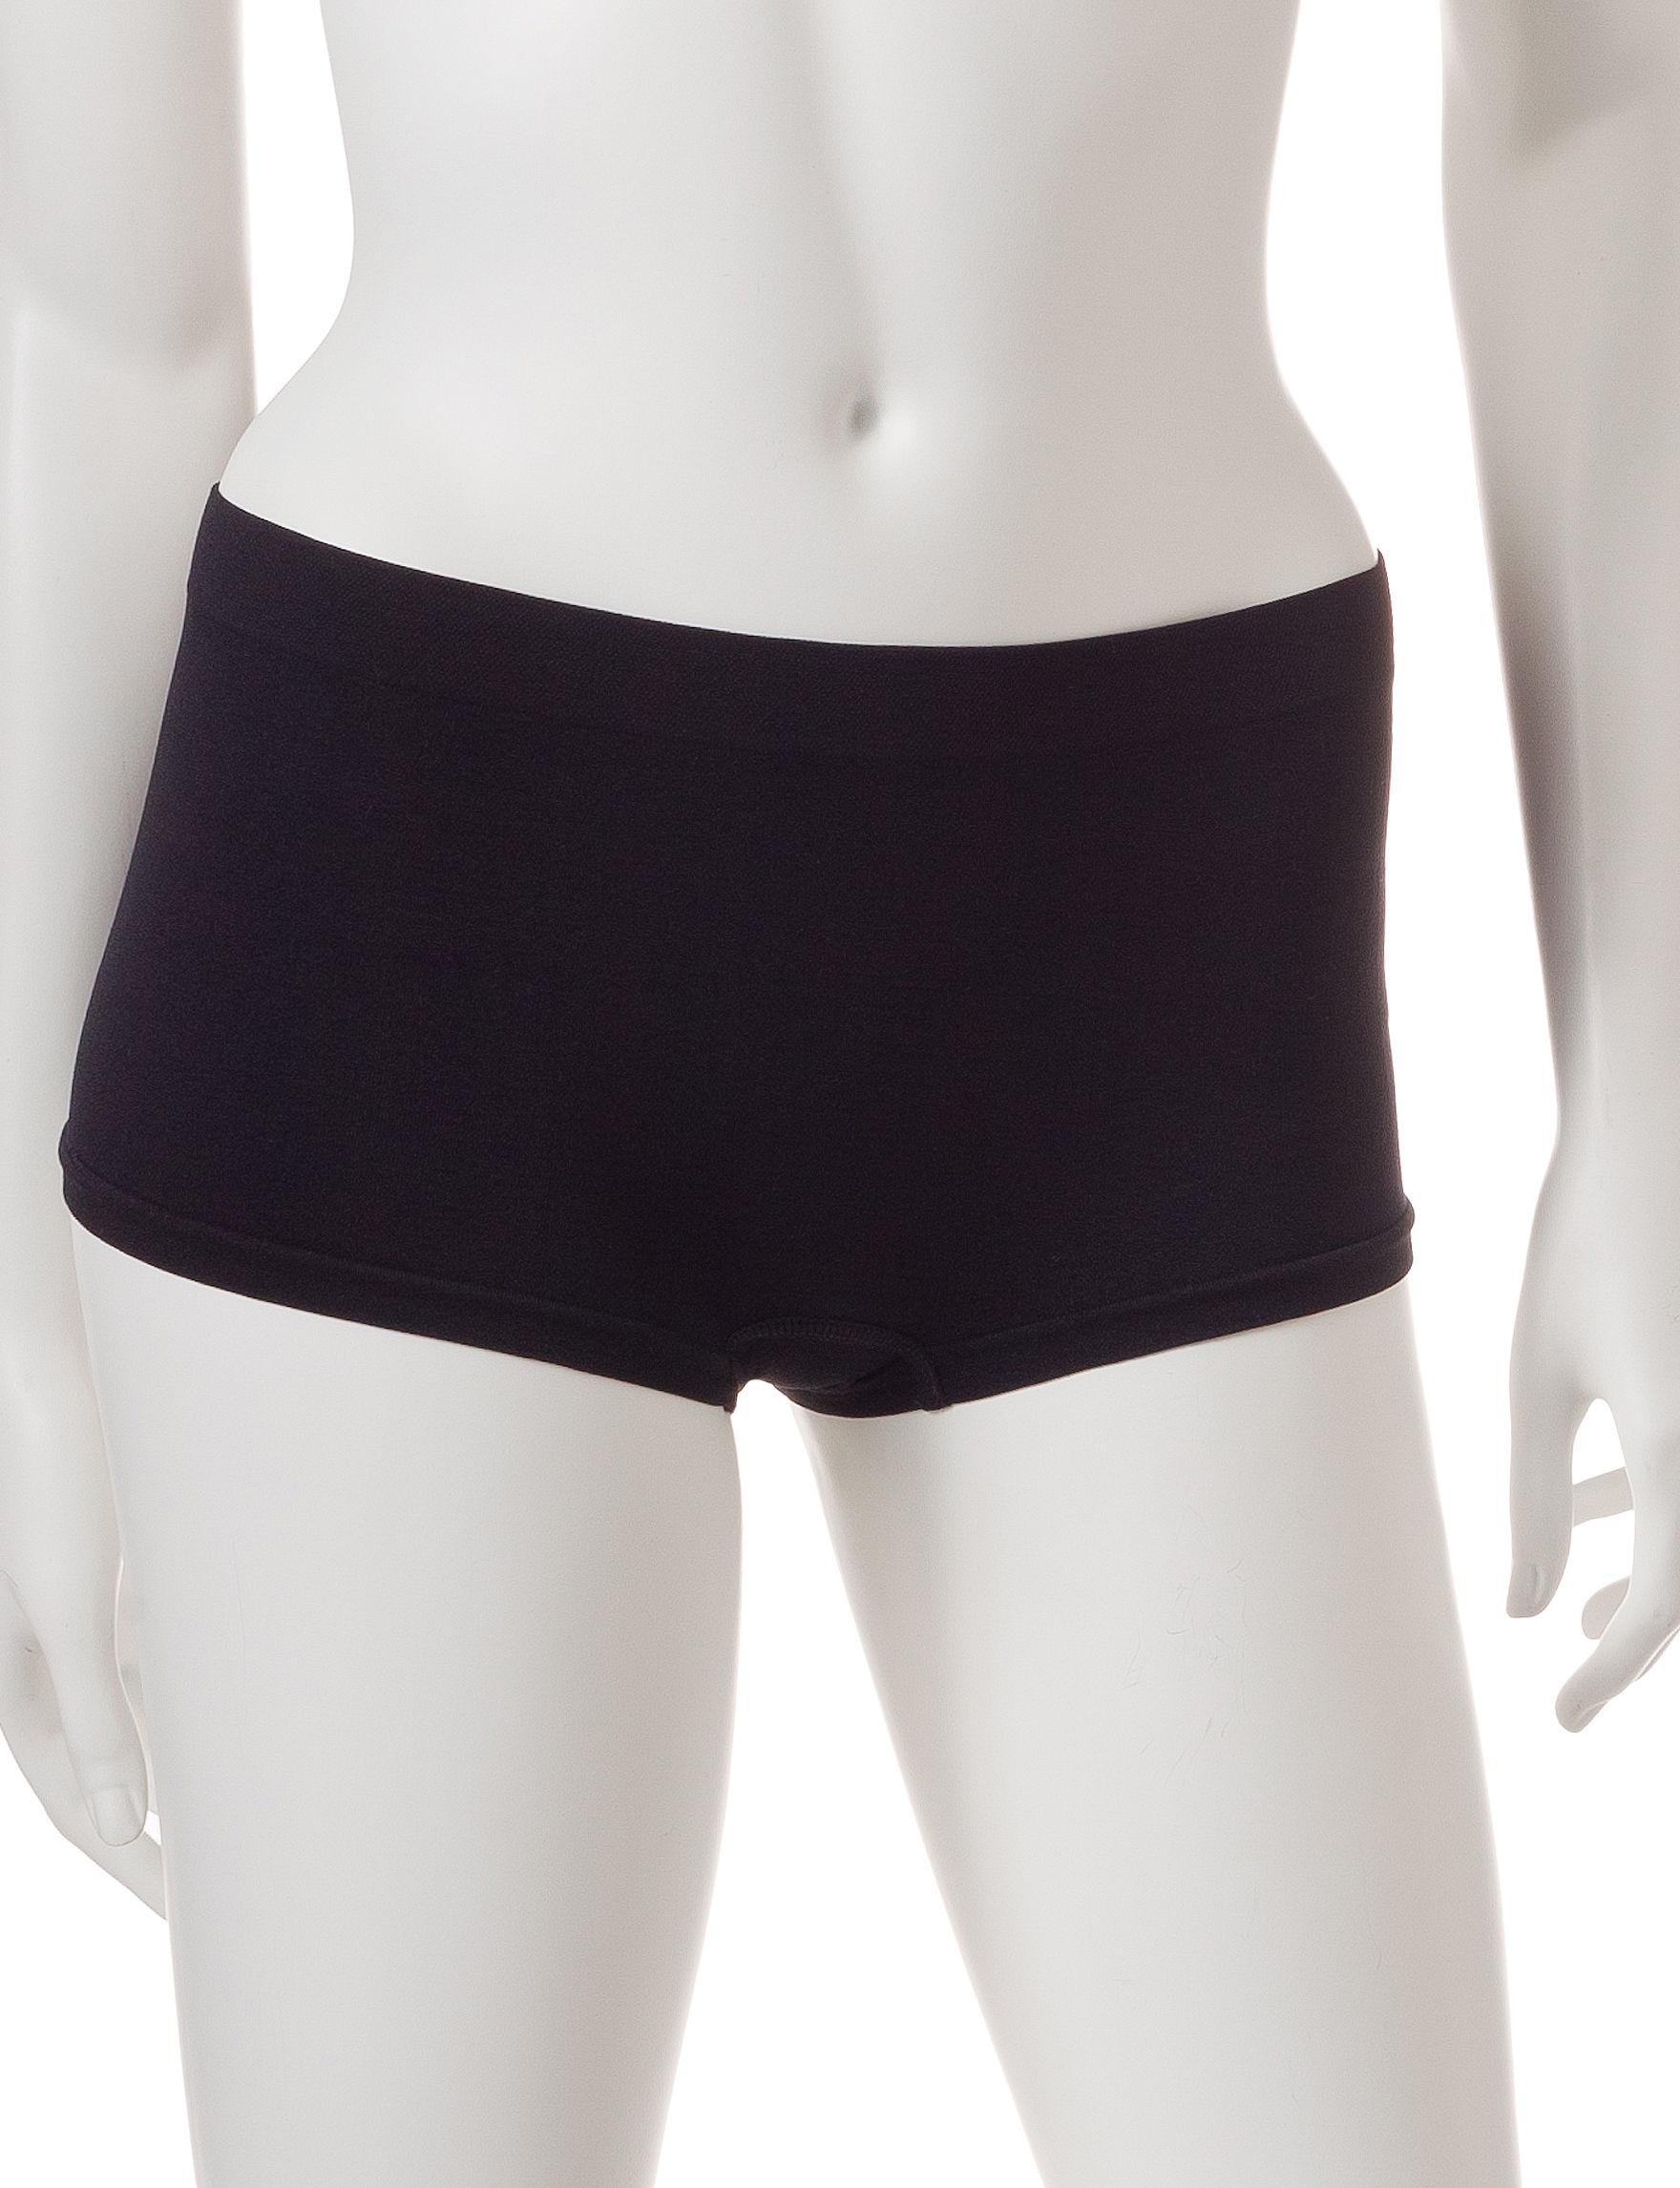 B Intimates Black Panties